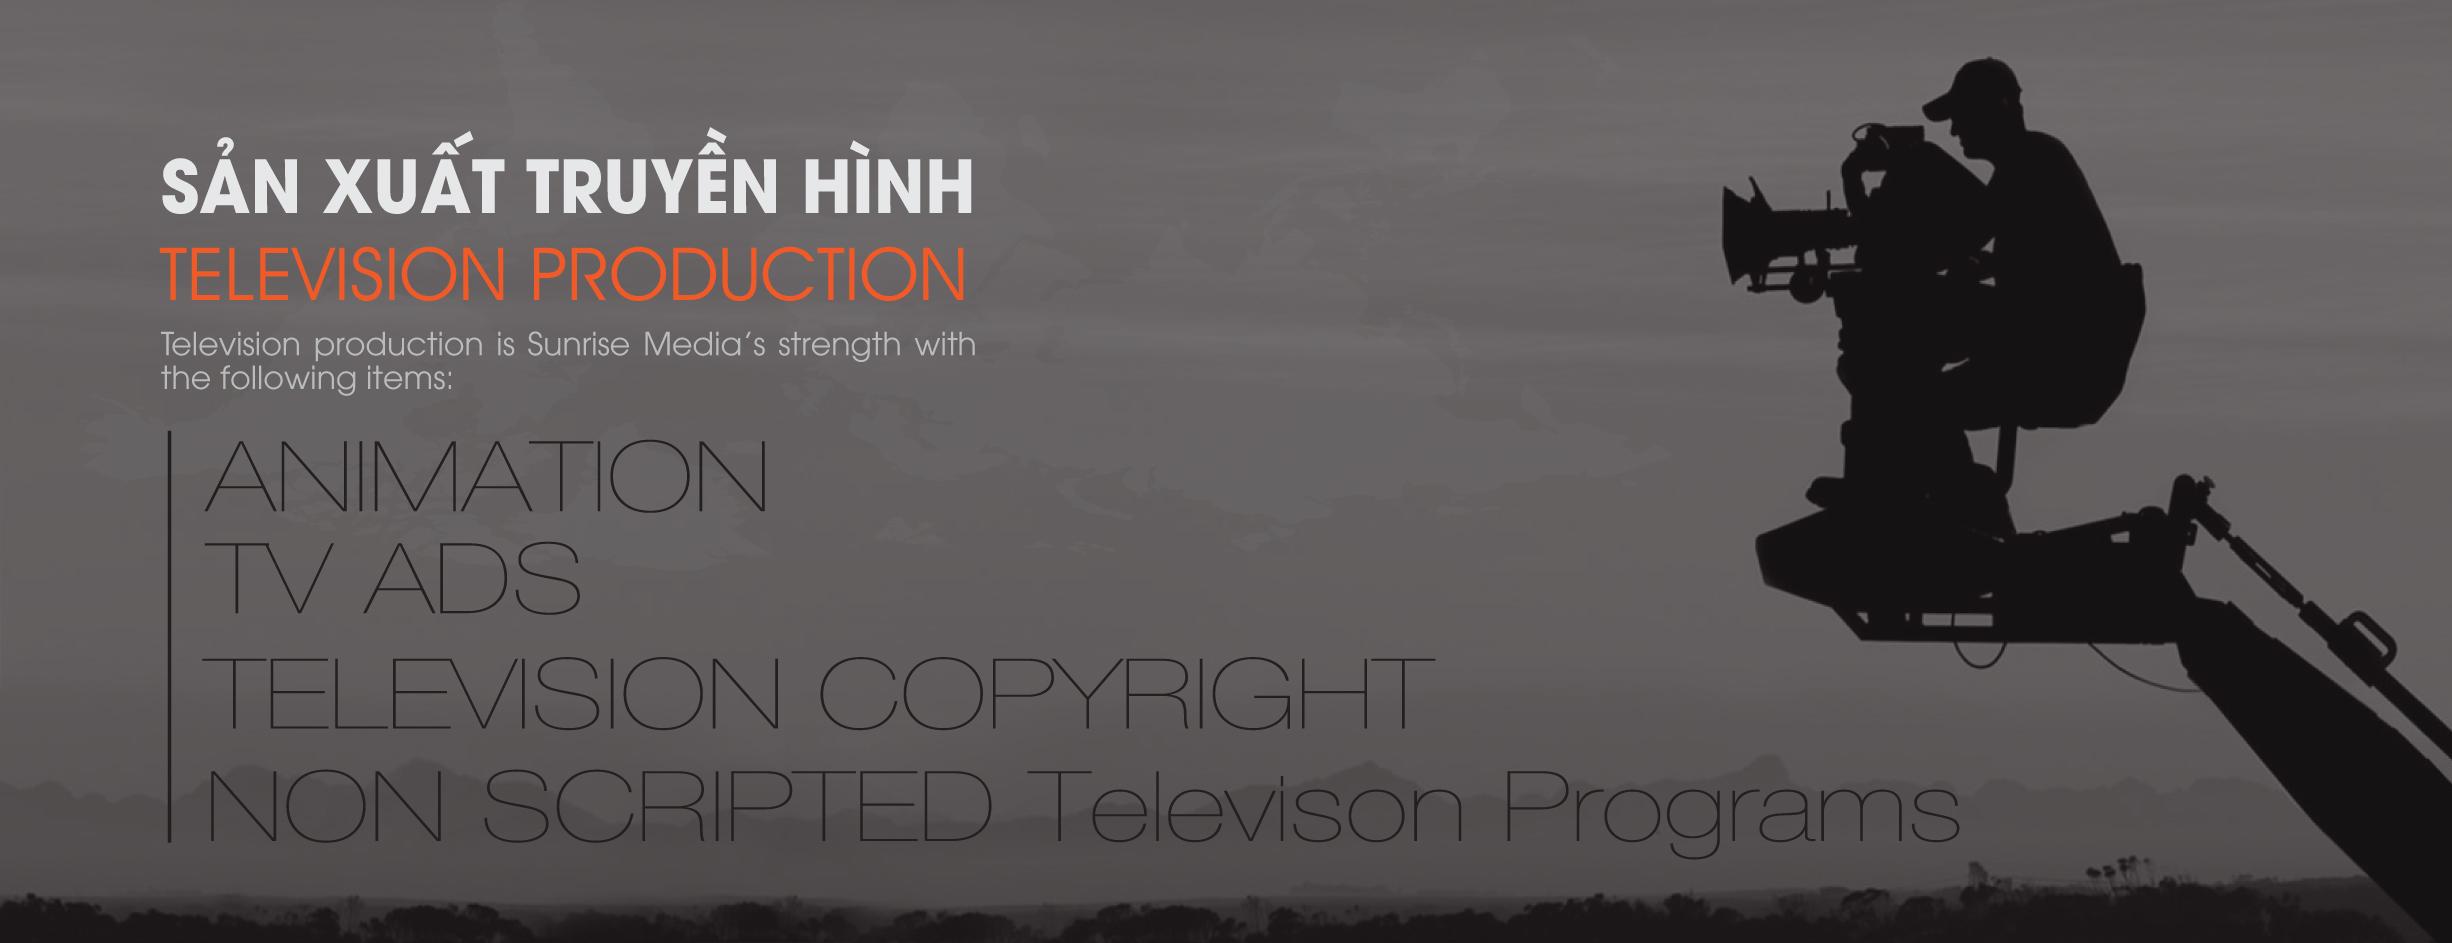 Sản xuất truyền hình